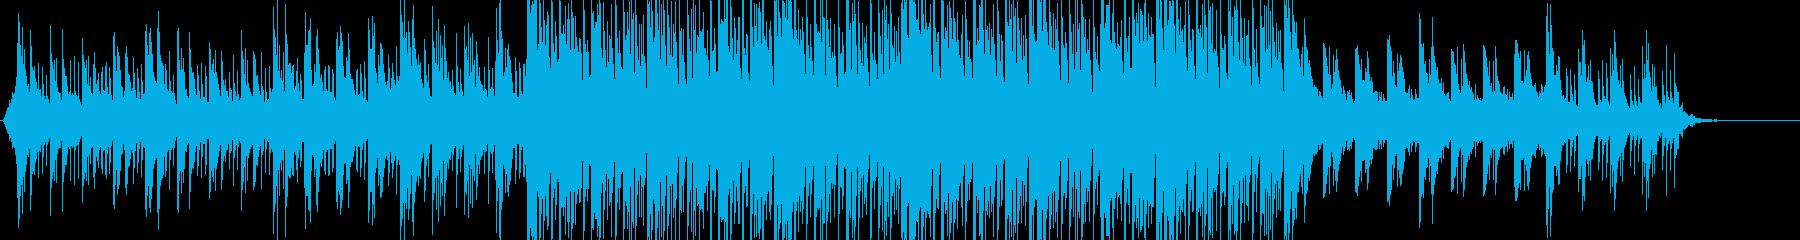 おしゃれで前向きなコーポレート向けBGMの再生済みの波形